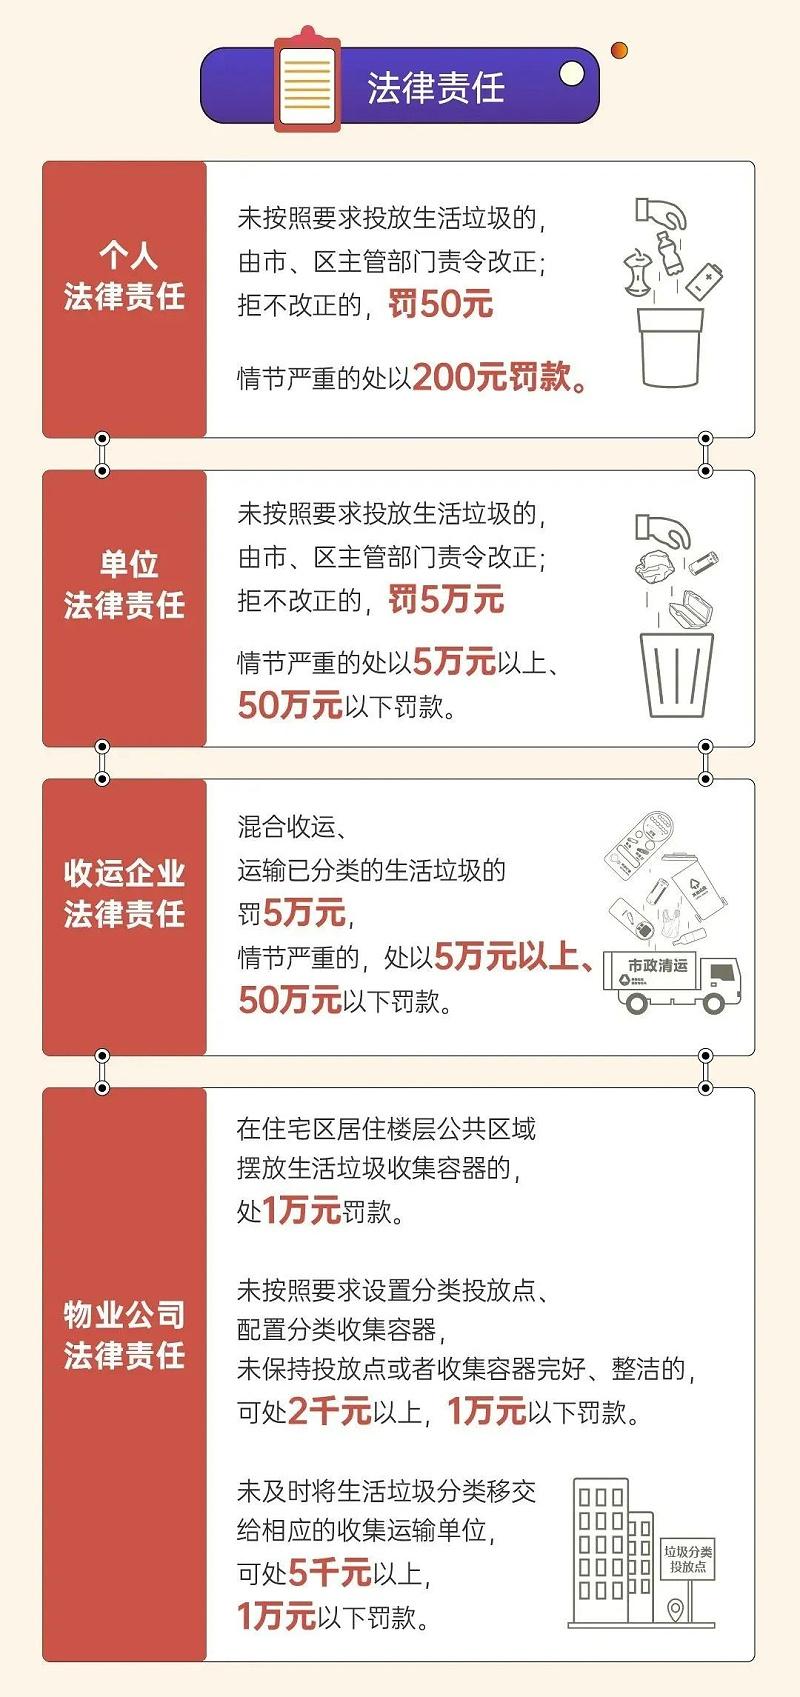 8深圳市生活垃圾分类管理条例正式实施-玉龙环保